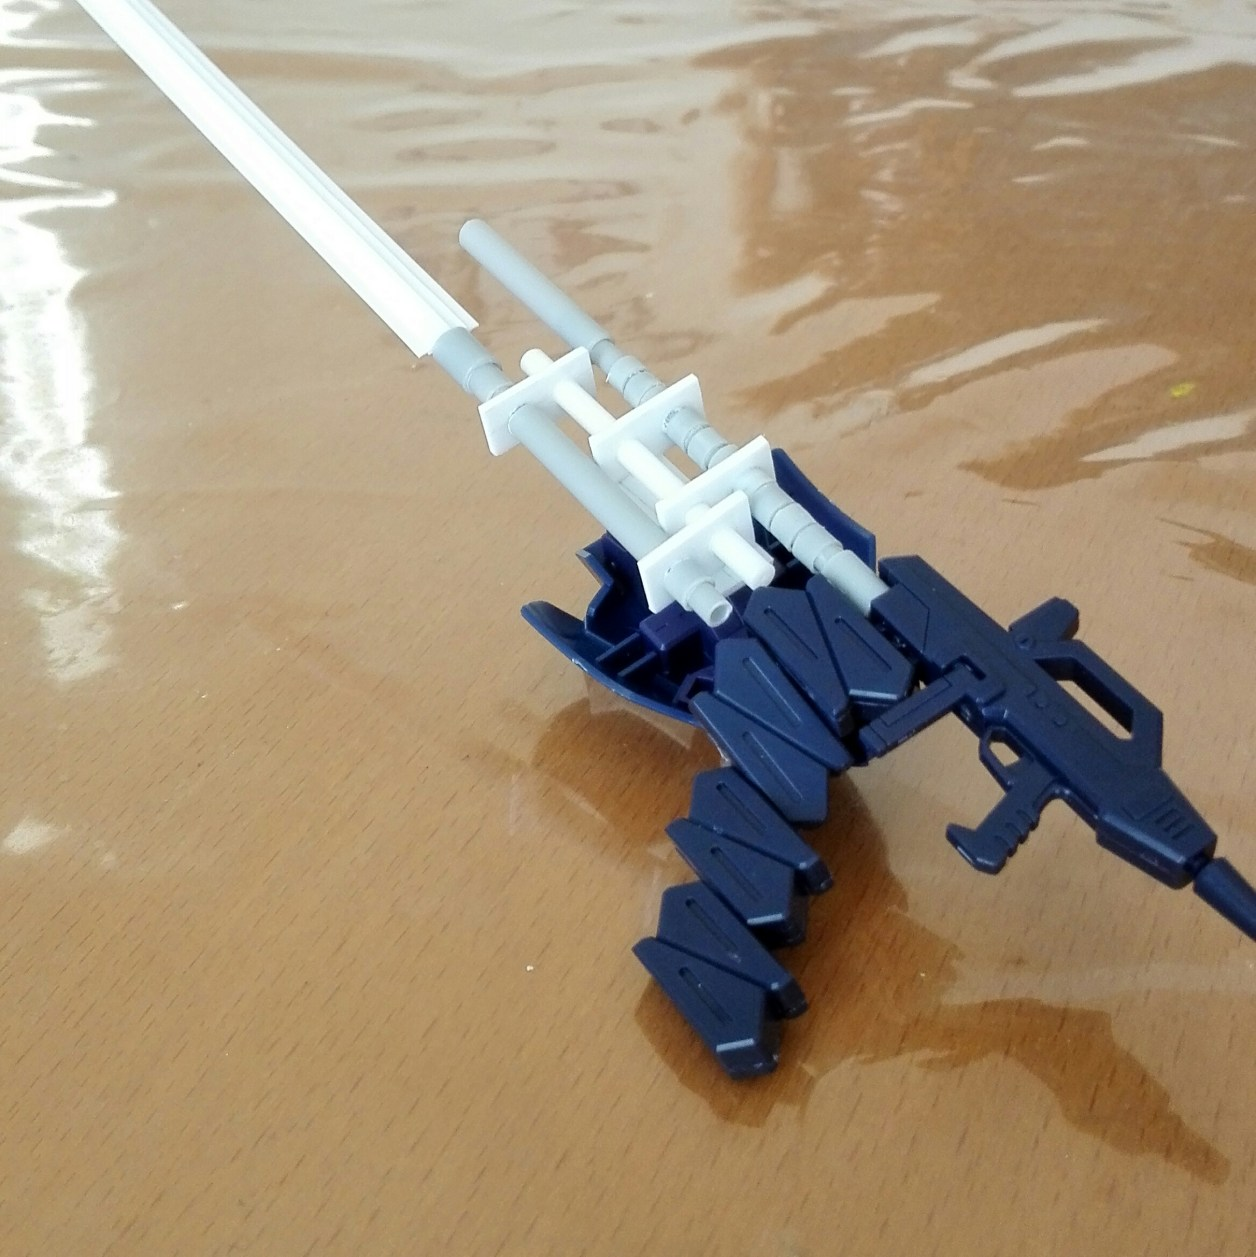 HGUC ガンダム TR-6[ヘイズル改]用武装ビーム・ライフルを改造してロングブレードとエネルギー・パックとキハールIIのシールドをマウントした画像